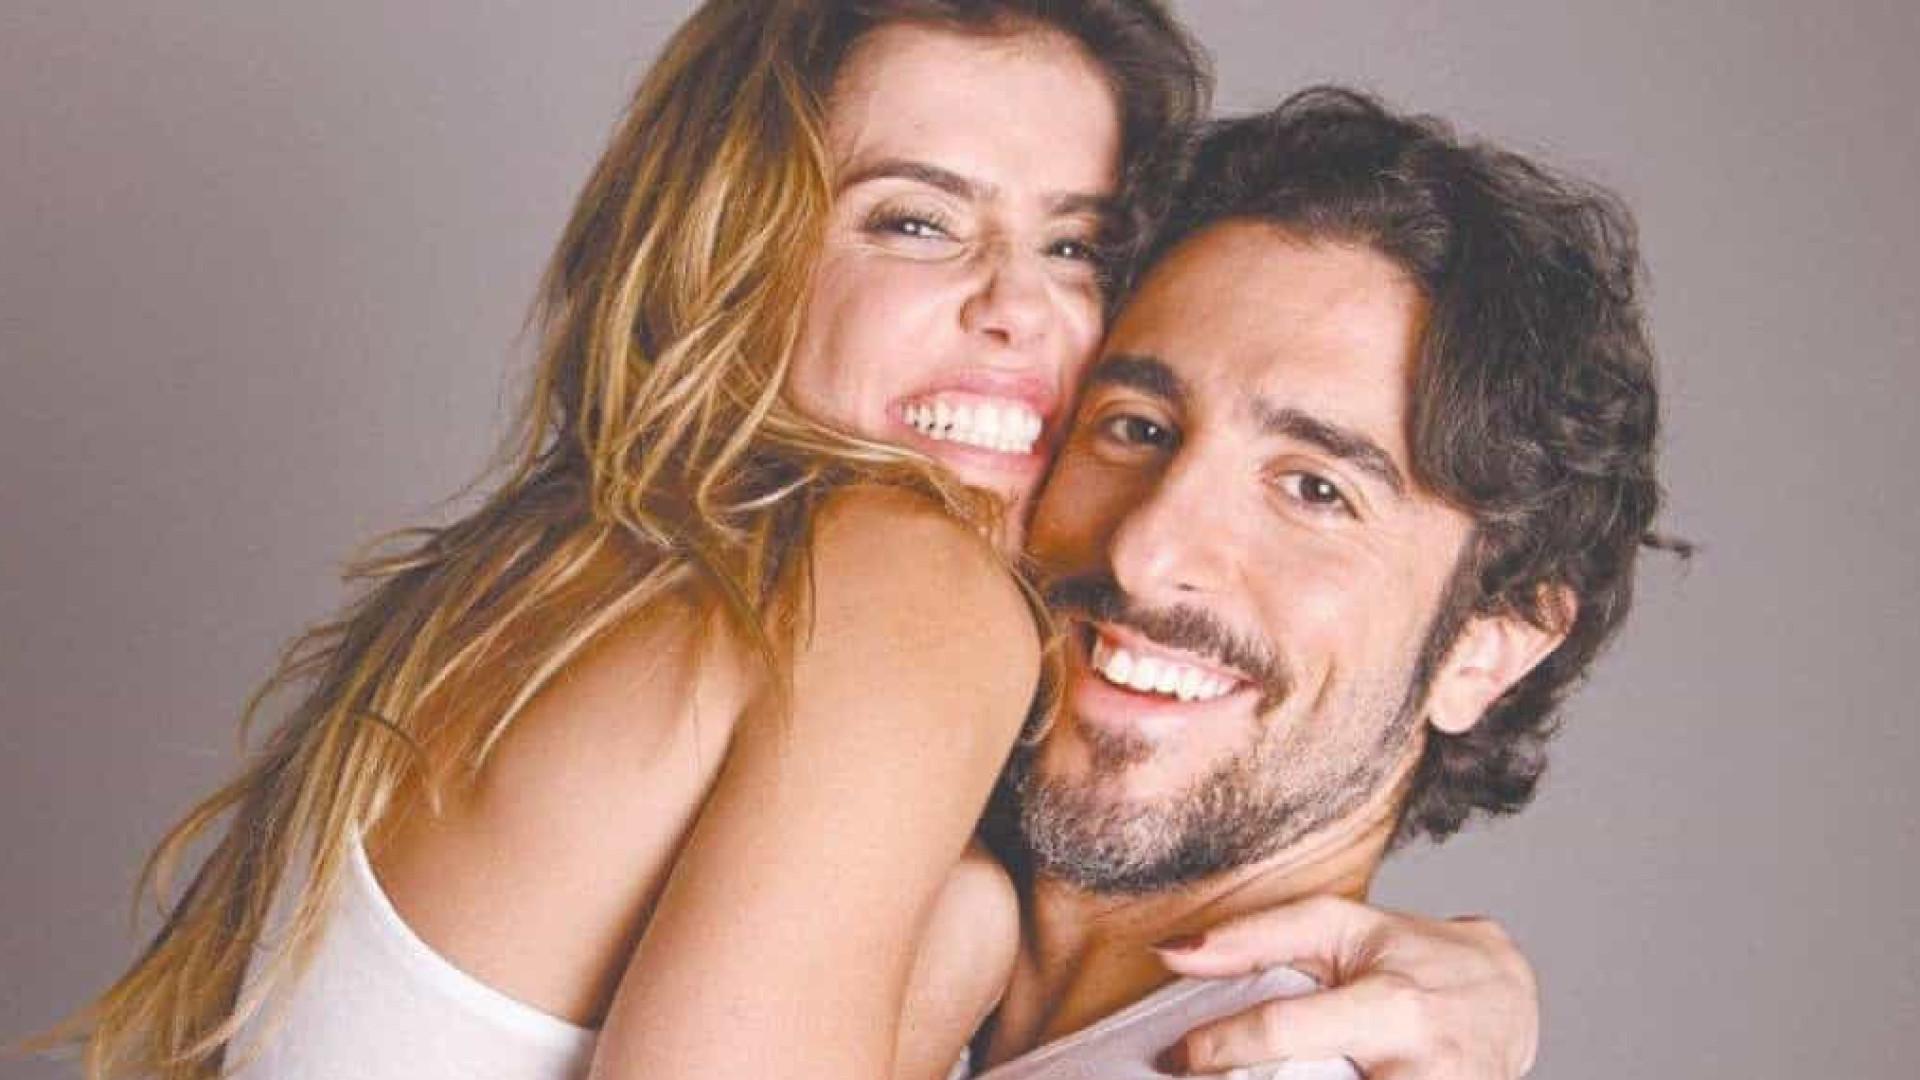 Mion é homem casado que se envolveu com Deborah Secco, diz jornal